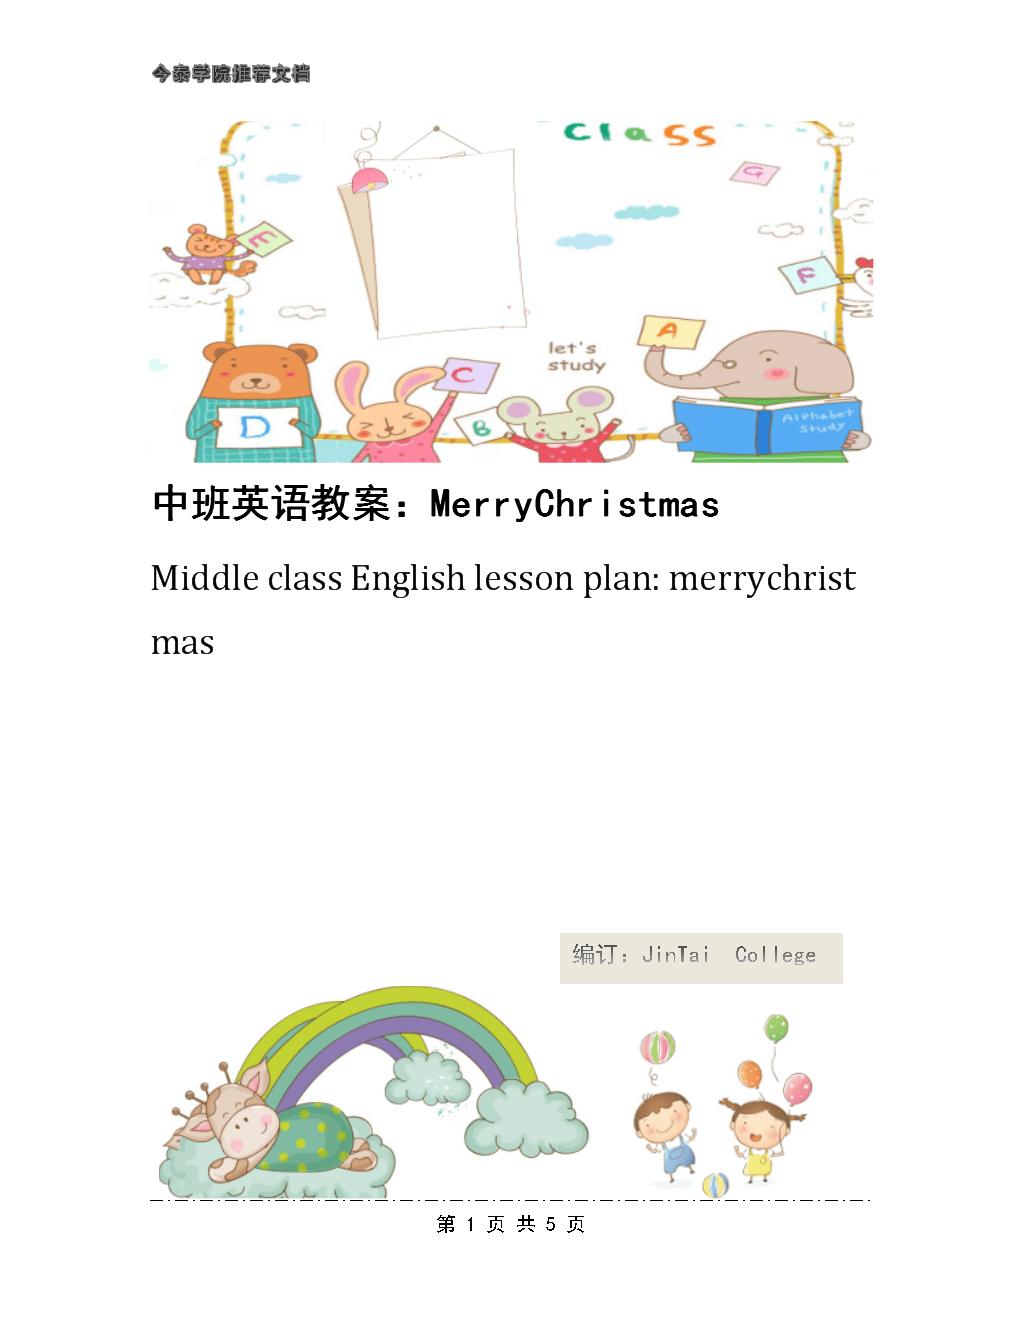 中班英语教案:MerryChristmas.docx